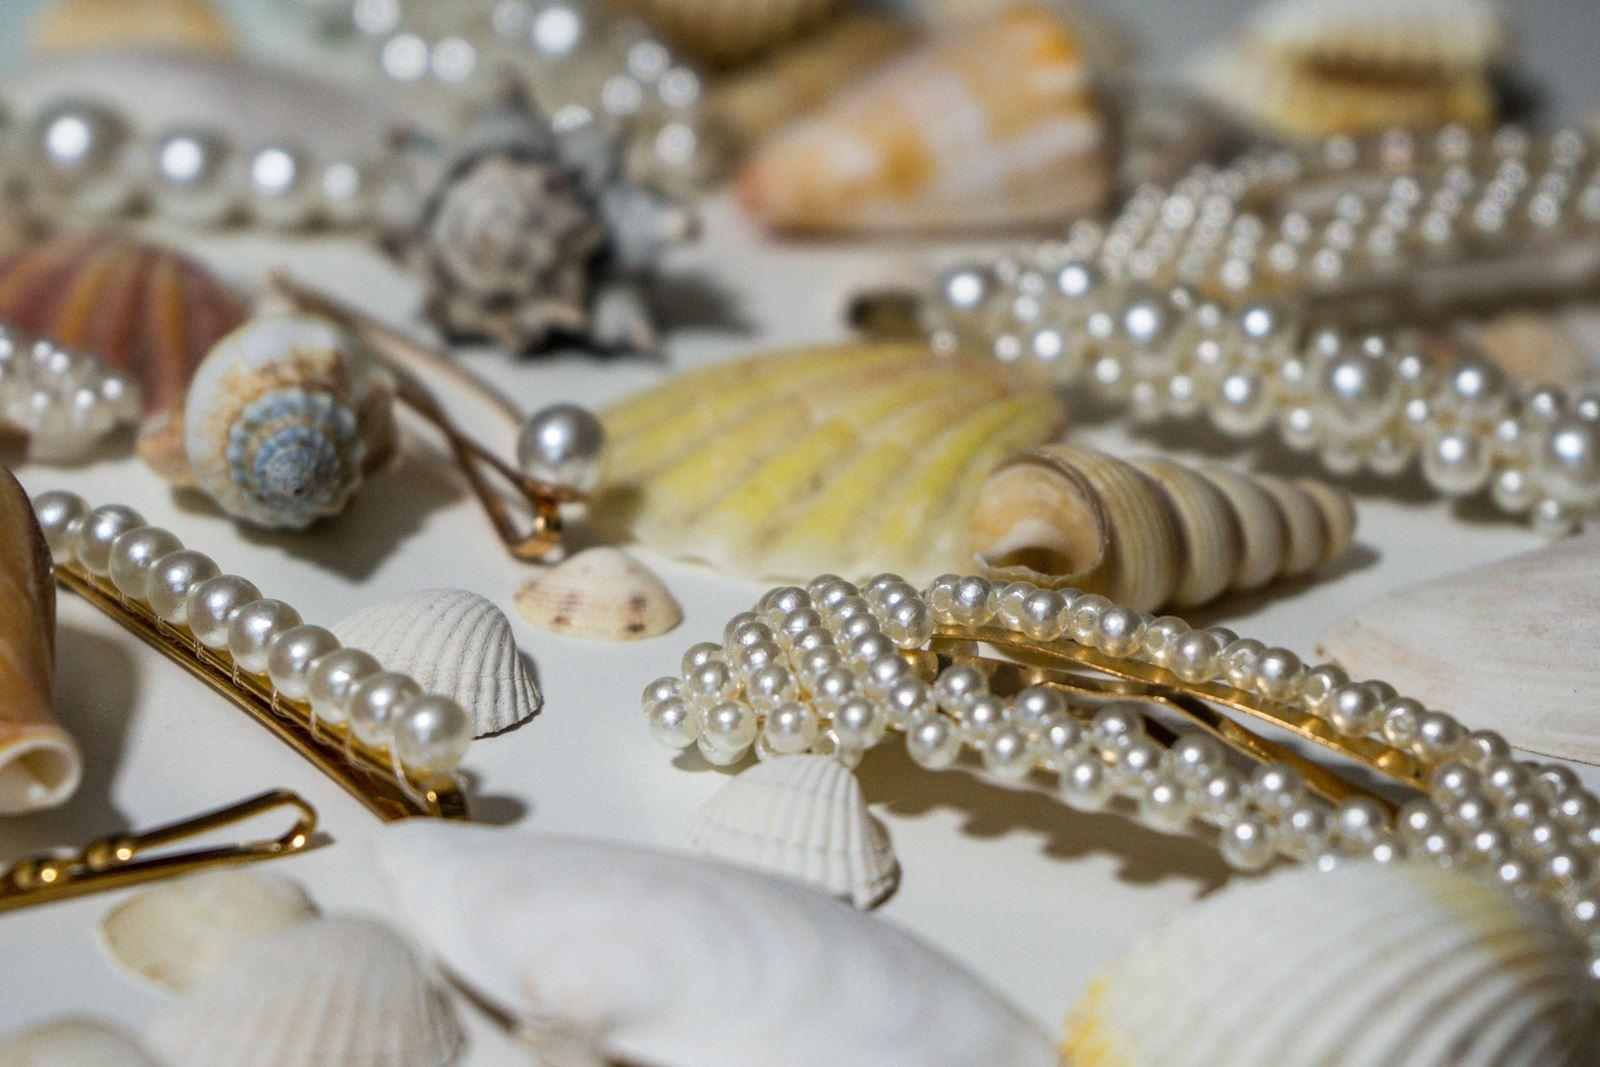 1 gdzie kupić ozdobne spinki do włosów z perłami i muszelkami fryzury, które odmładzają, postarzają, dodają lat, podobają się facetom, wyszczuplają twarz, proste fryzury do zrobienia samemu krok po kroku